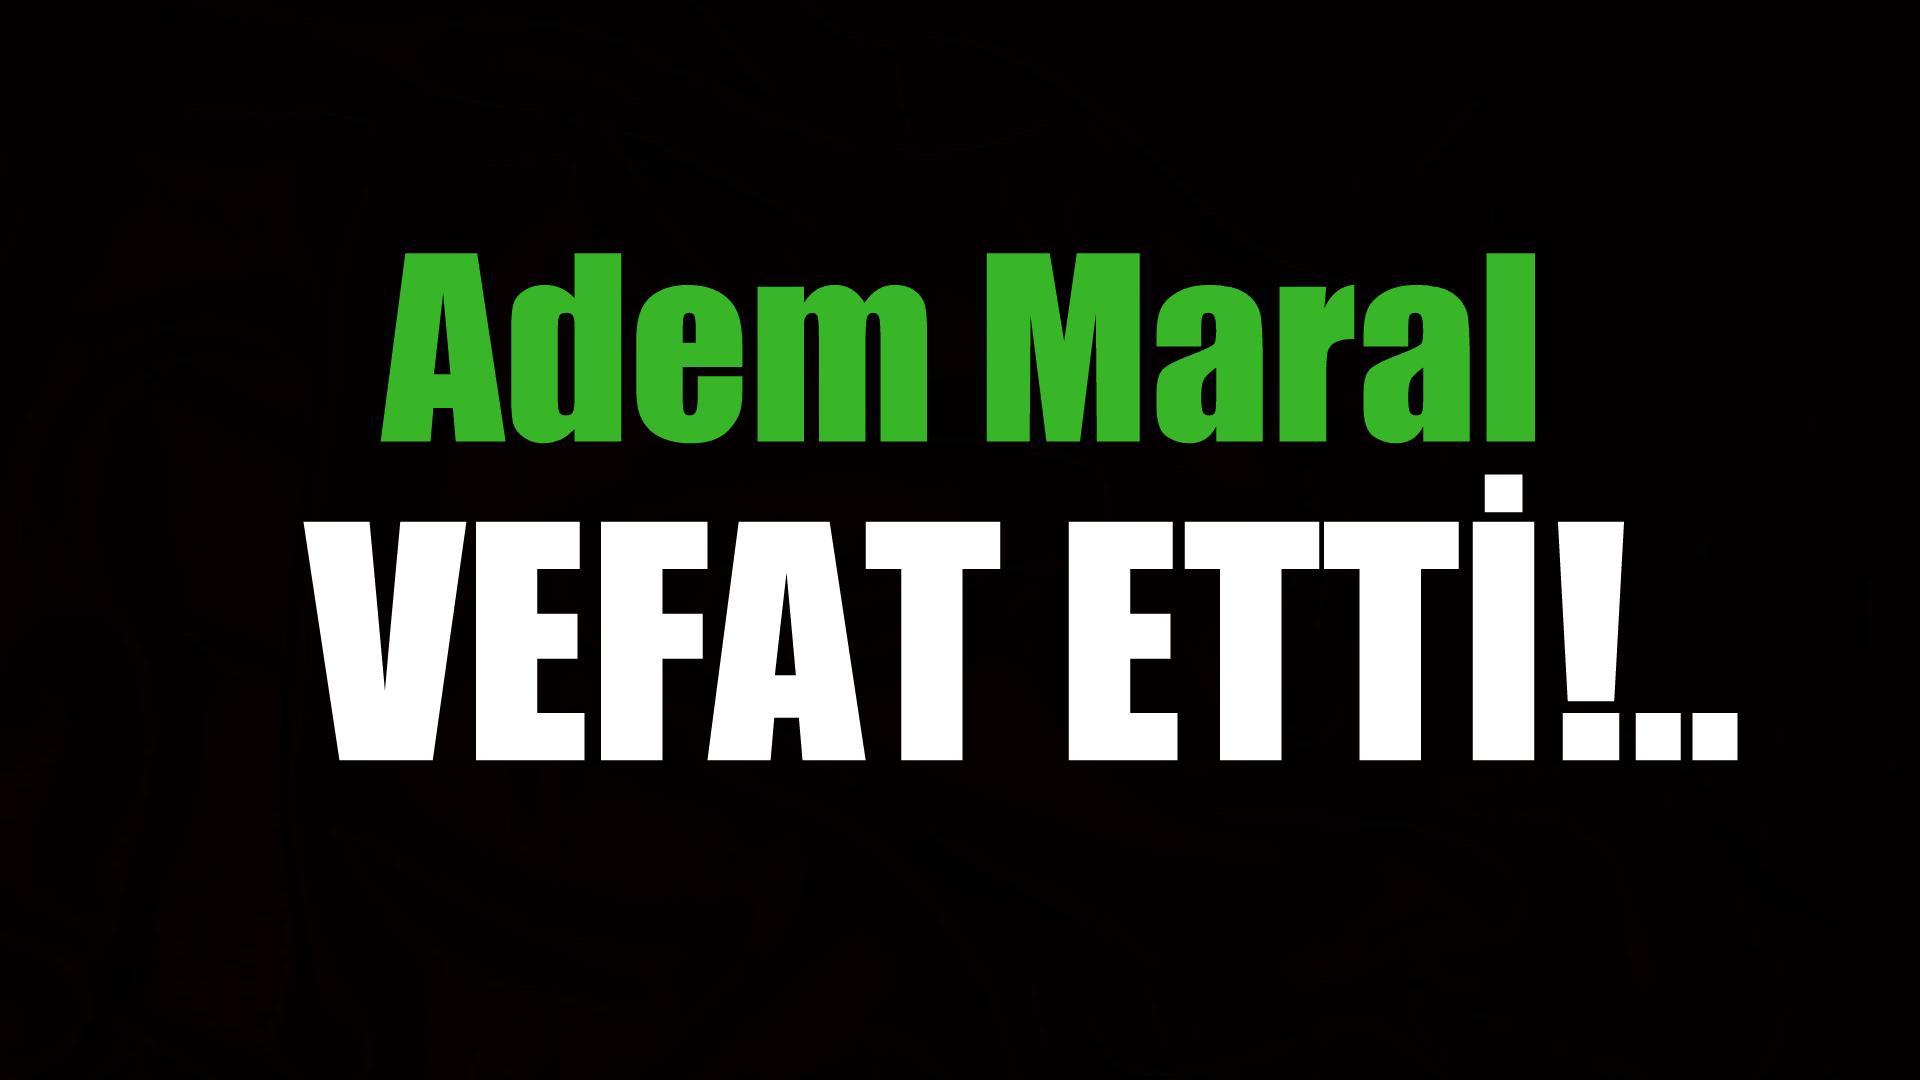 MARAL AİLESİNİN ACI GÜNÜ!..